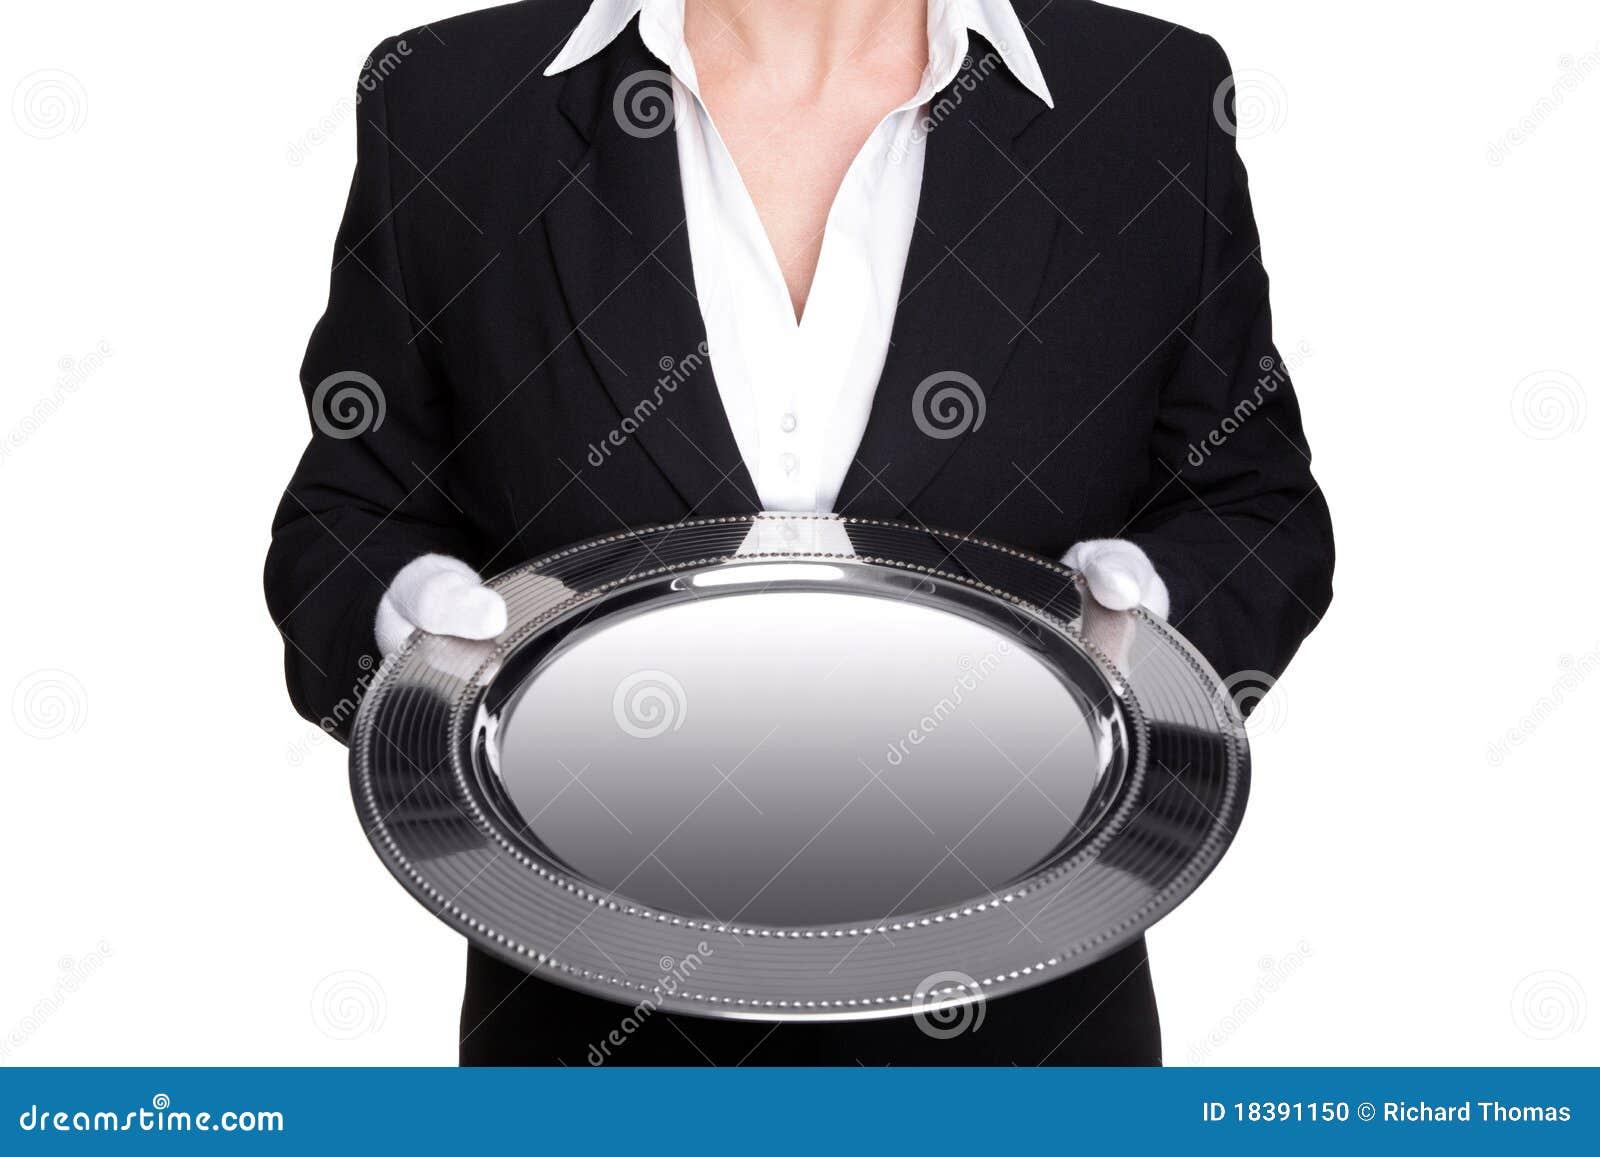 Magasin för silver för betjäntkvinnlig holding isolerat